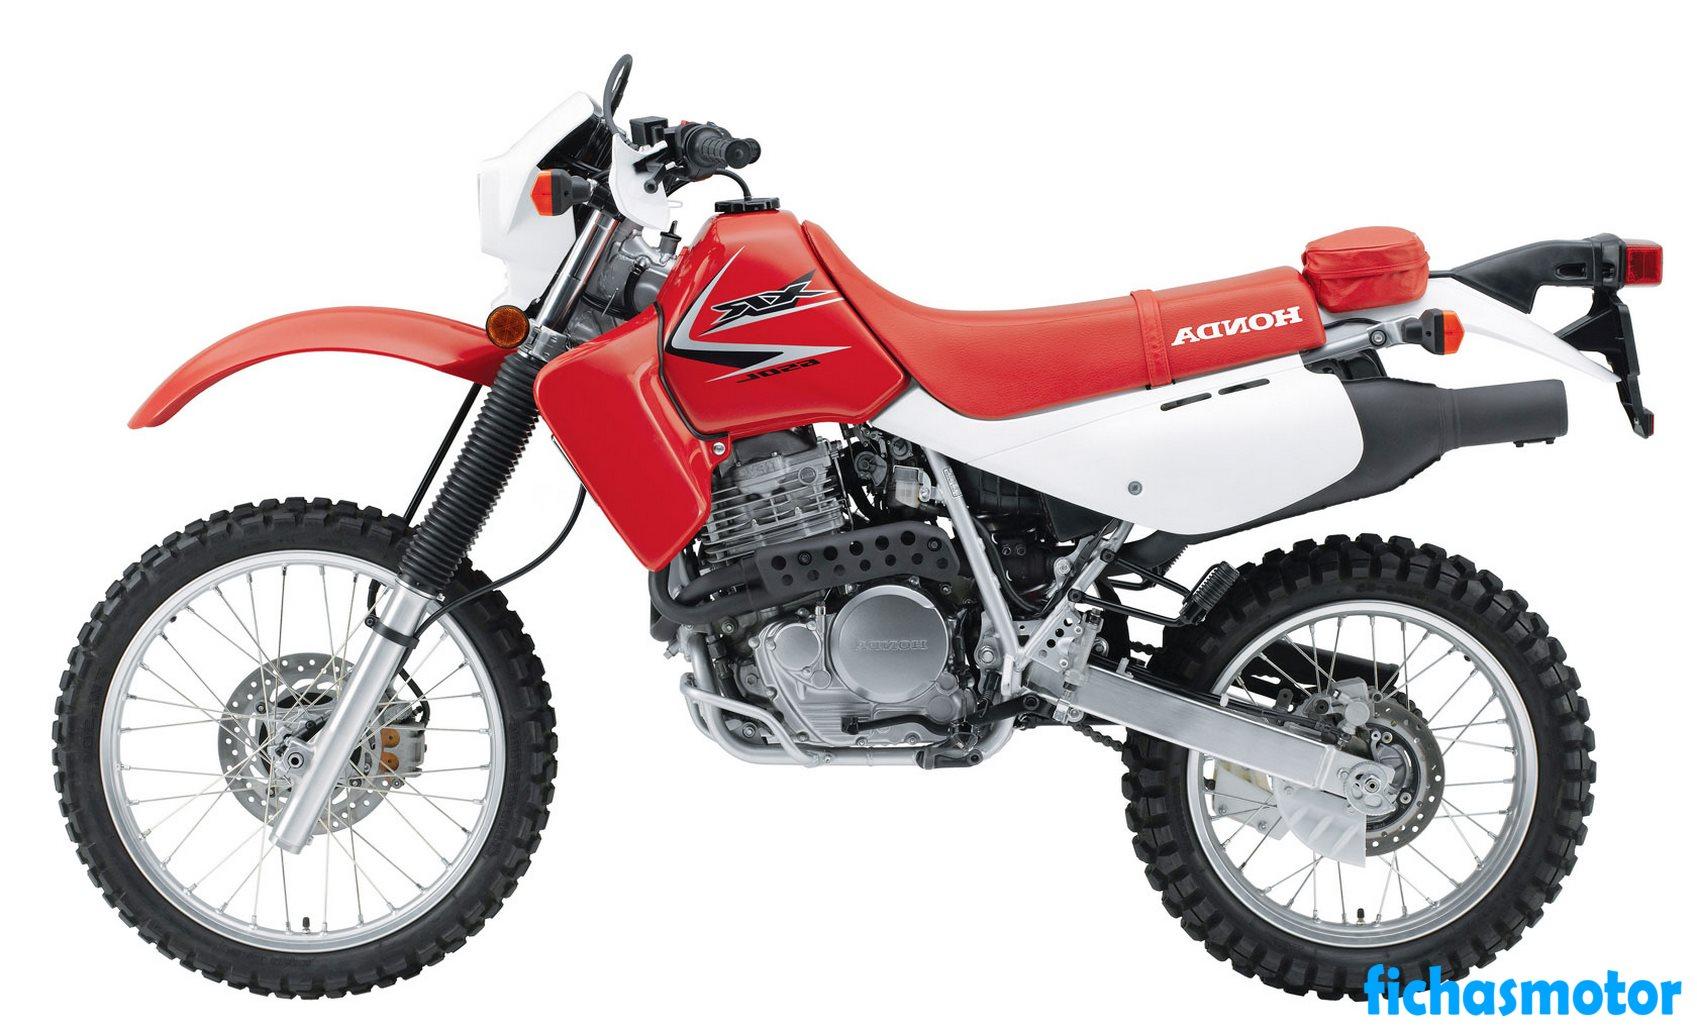 Ficha técnica Honda xr650l 2009